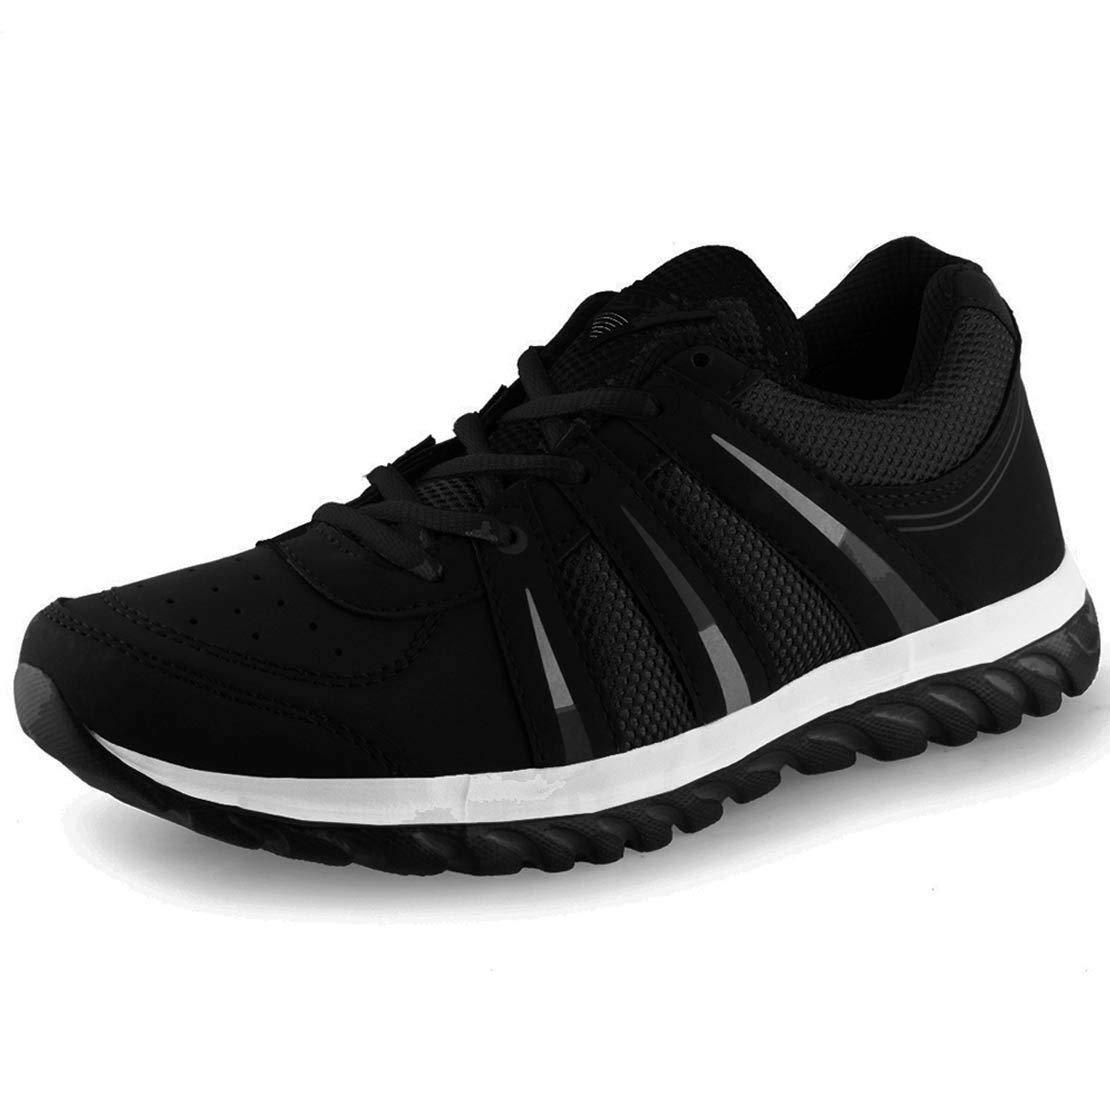 Lancer Mens Black Sports Running Shoes LCR-INDUSBLK-43 image 1